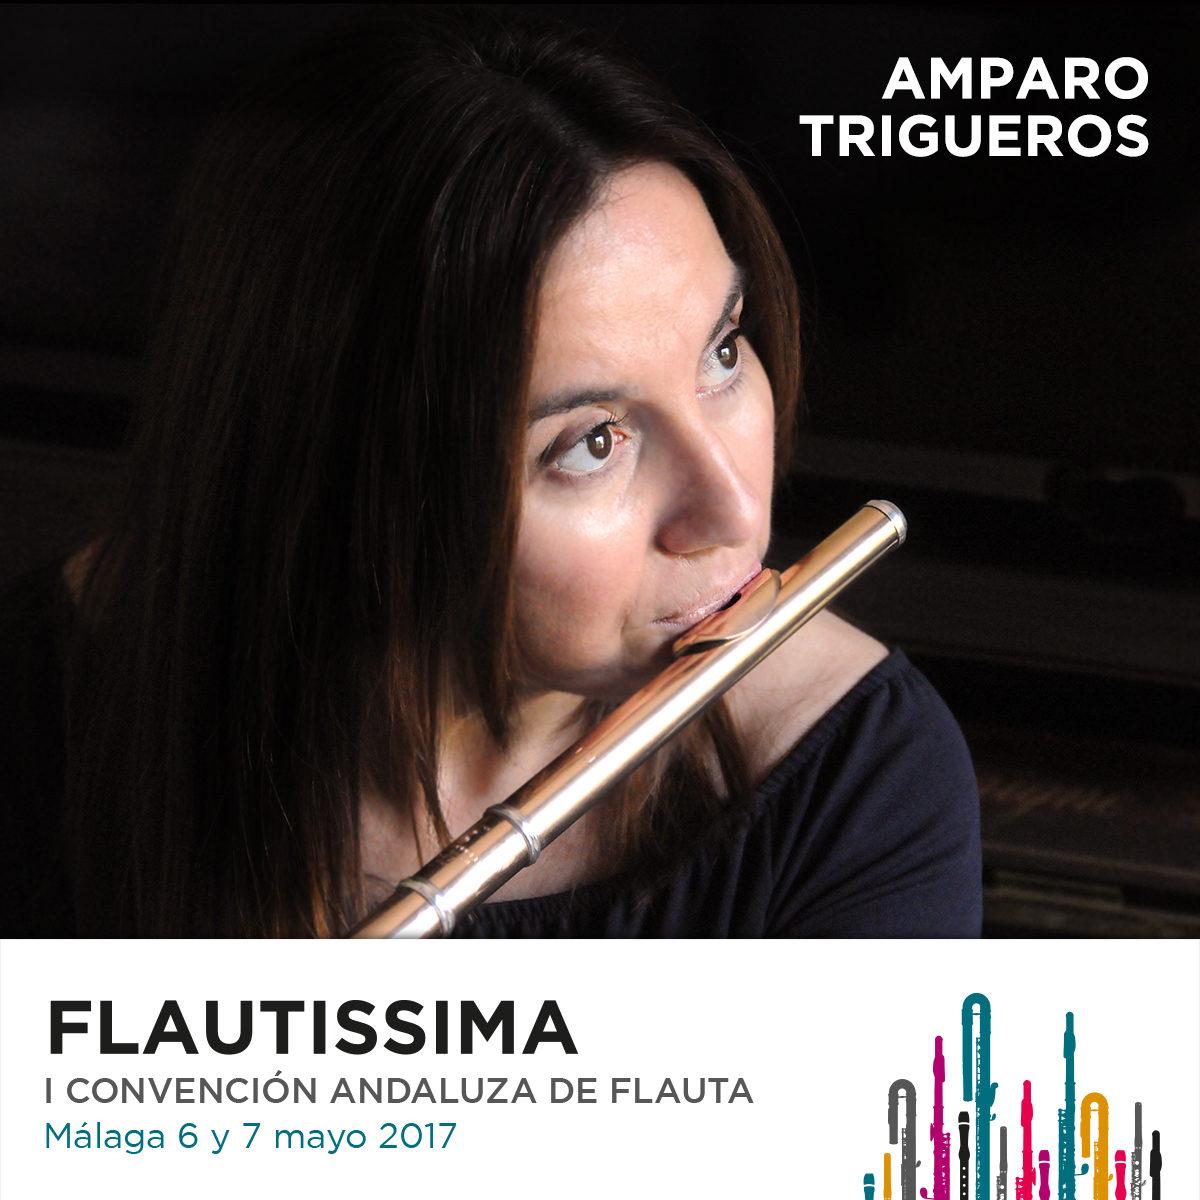 Amparo Trigueros Segarra Flautissima